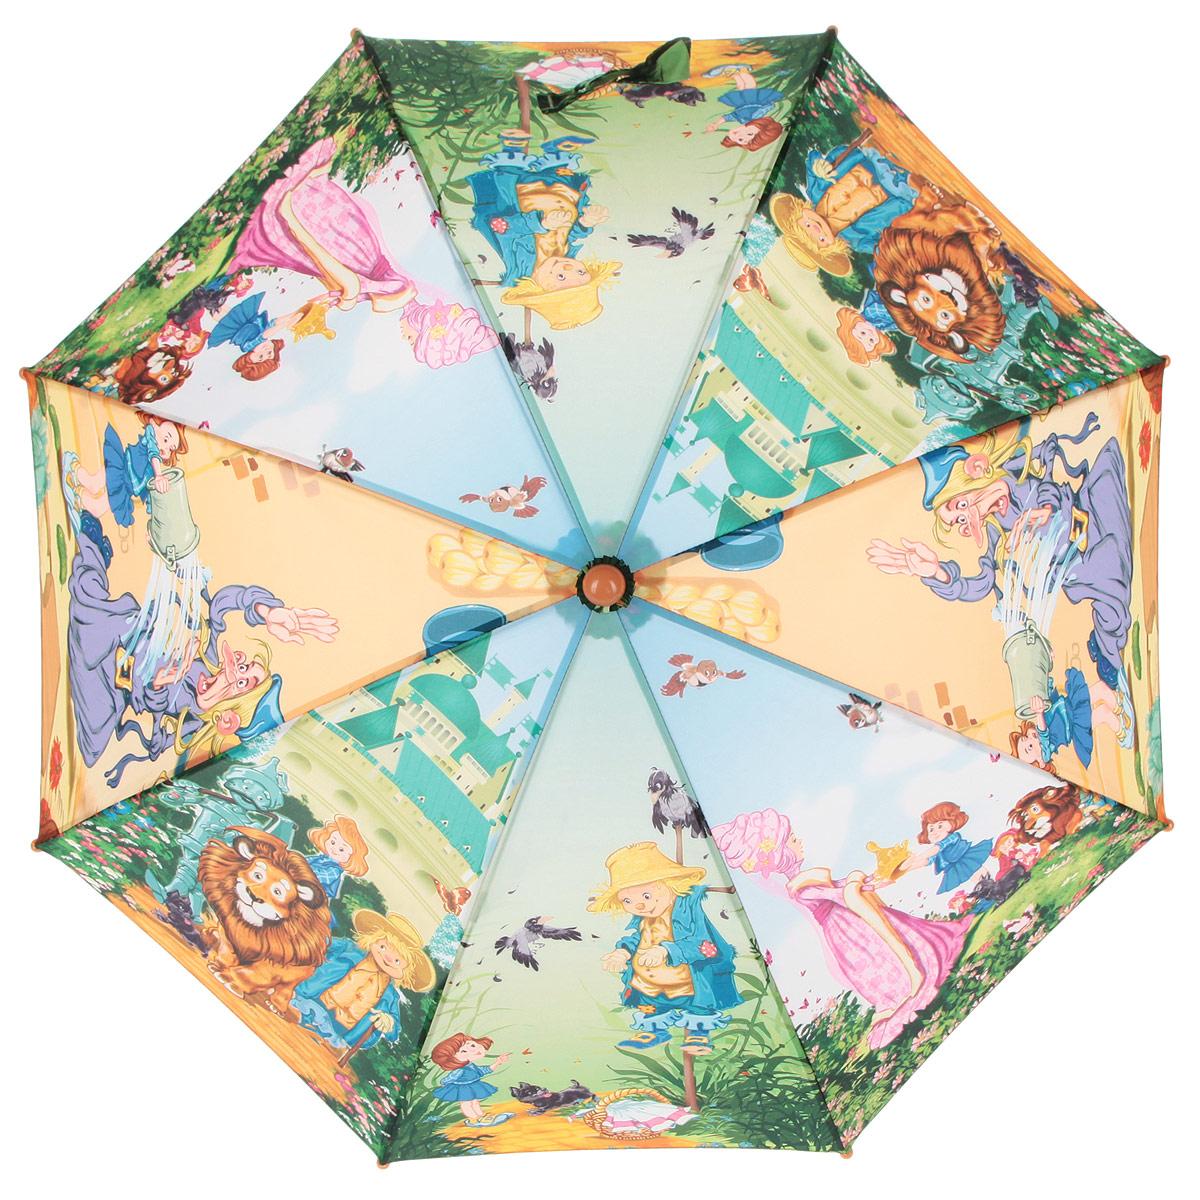 Зонт-трость детский Zest, цвет: зеленый, голубой, оранжевый, мультицвет. 21665-0245100948B/32793/5900NКрасочный детский зонт-трость ZEST выполнен из металла и пластика, оформлен принтом с изображениями героев известнейших сказок.Каркас зонта выполнен из восьми спиц, стержень из стали. На концах спиц предусмотрены пластиковые элементы, которые защитят малыша от травм. Купол зонта изготовлен прочного полиэстера. Закрытый купол застегивается на липучку хлястиком. Практичная глянцевая рукоятка закругленной формы разработана с учетом требований эргономики и выполнена из пластика.Зонт имеет полуавтоматический механизм сложения: купол открывается нажатием кнопки на рукоятке, а закрывается вручную до характерного щелчка.Такой зонт не только надежно защитит малыша от дождя, но и станет стильным аксессуаром.